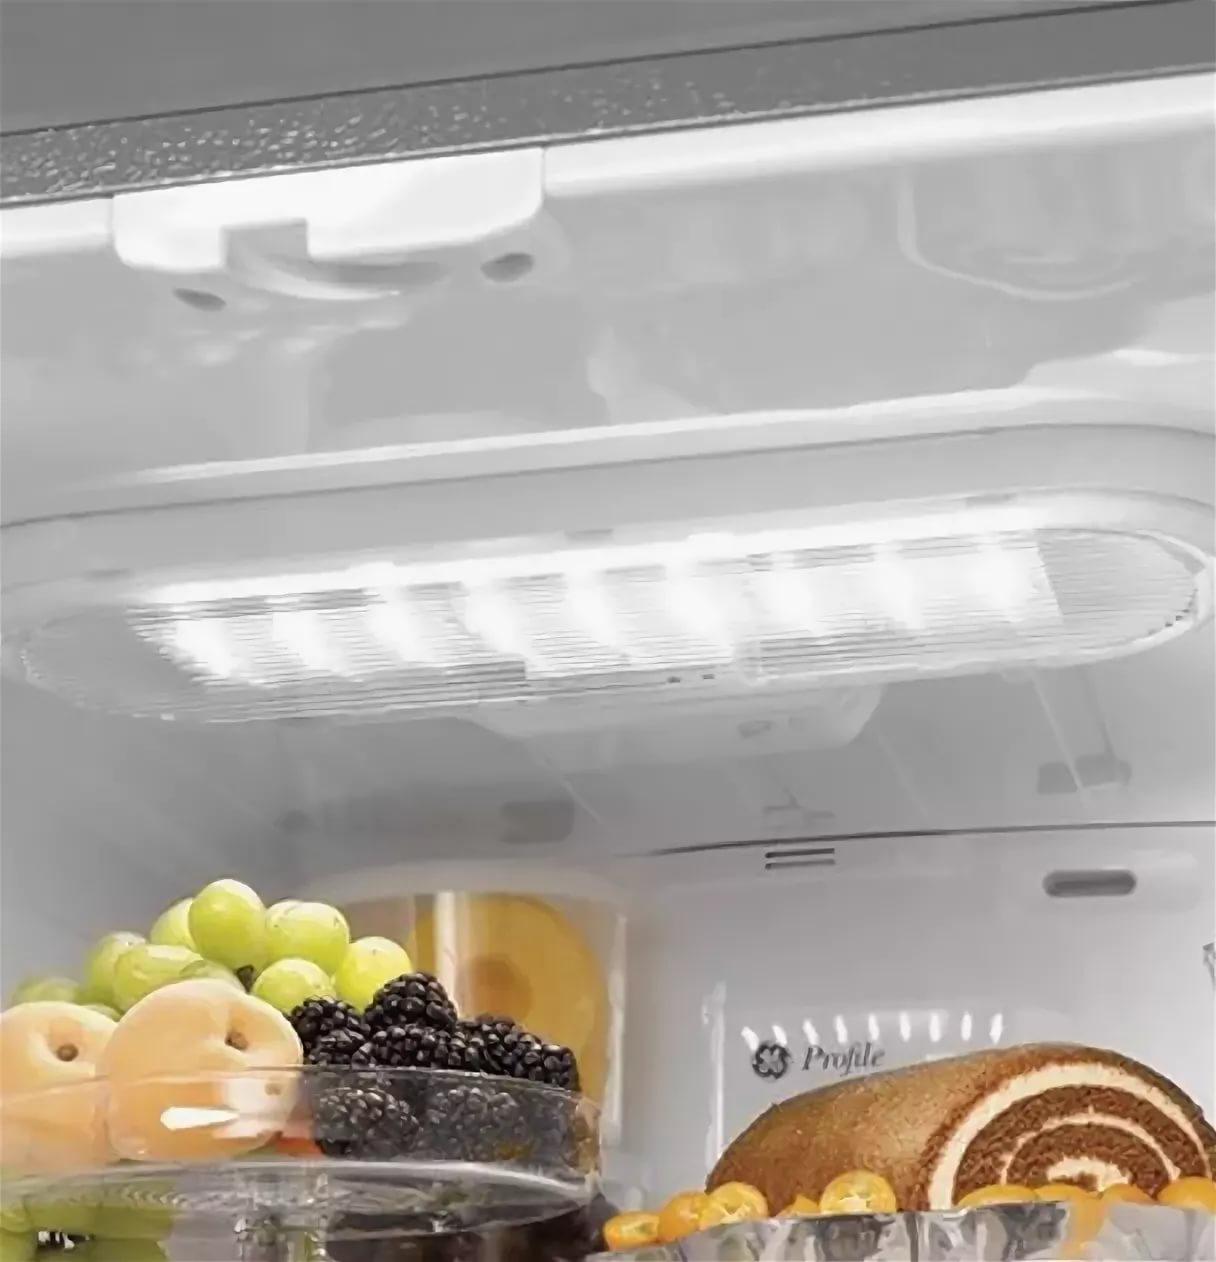 Как самому заменить лампочку в холодильнике